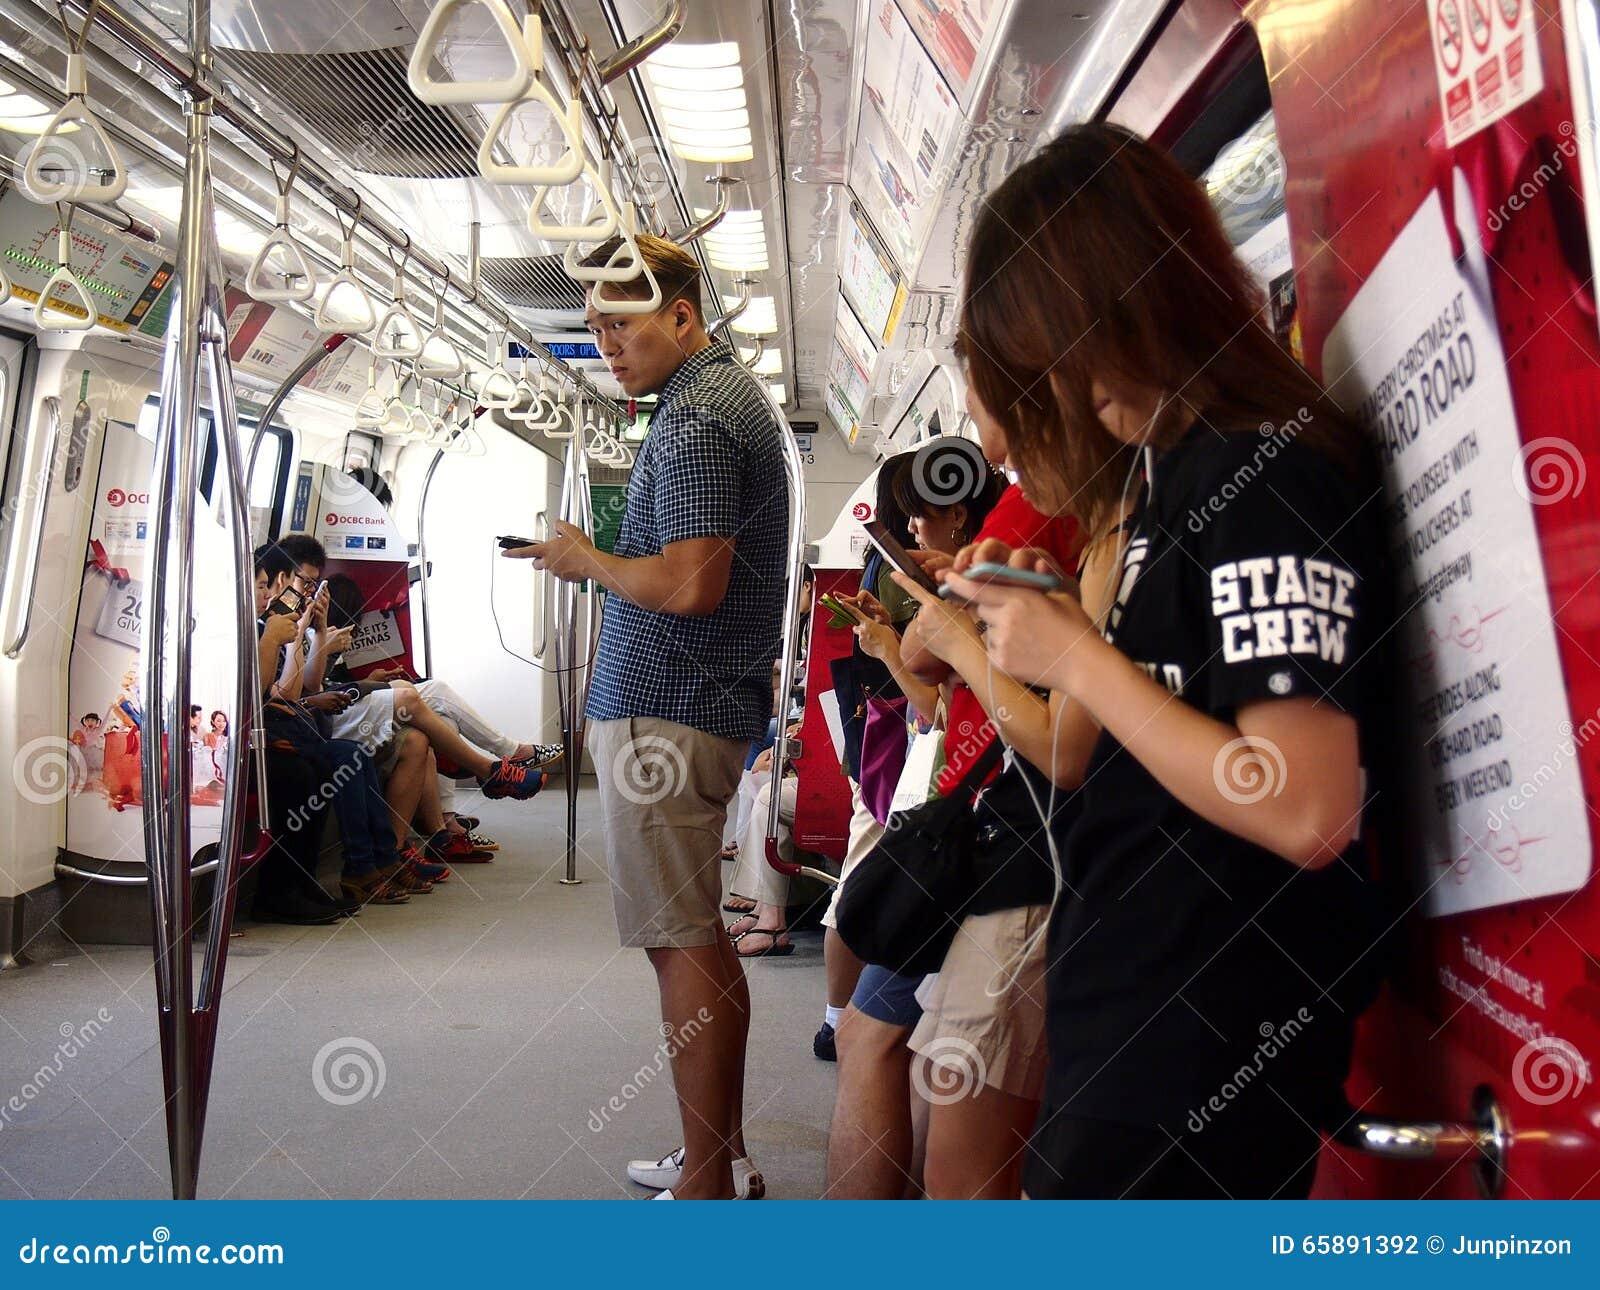 Updating passenger